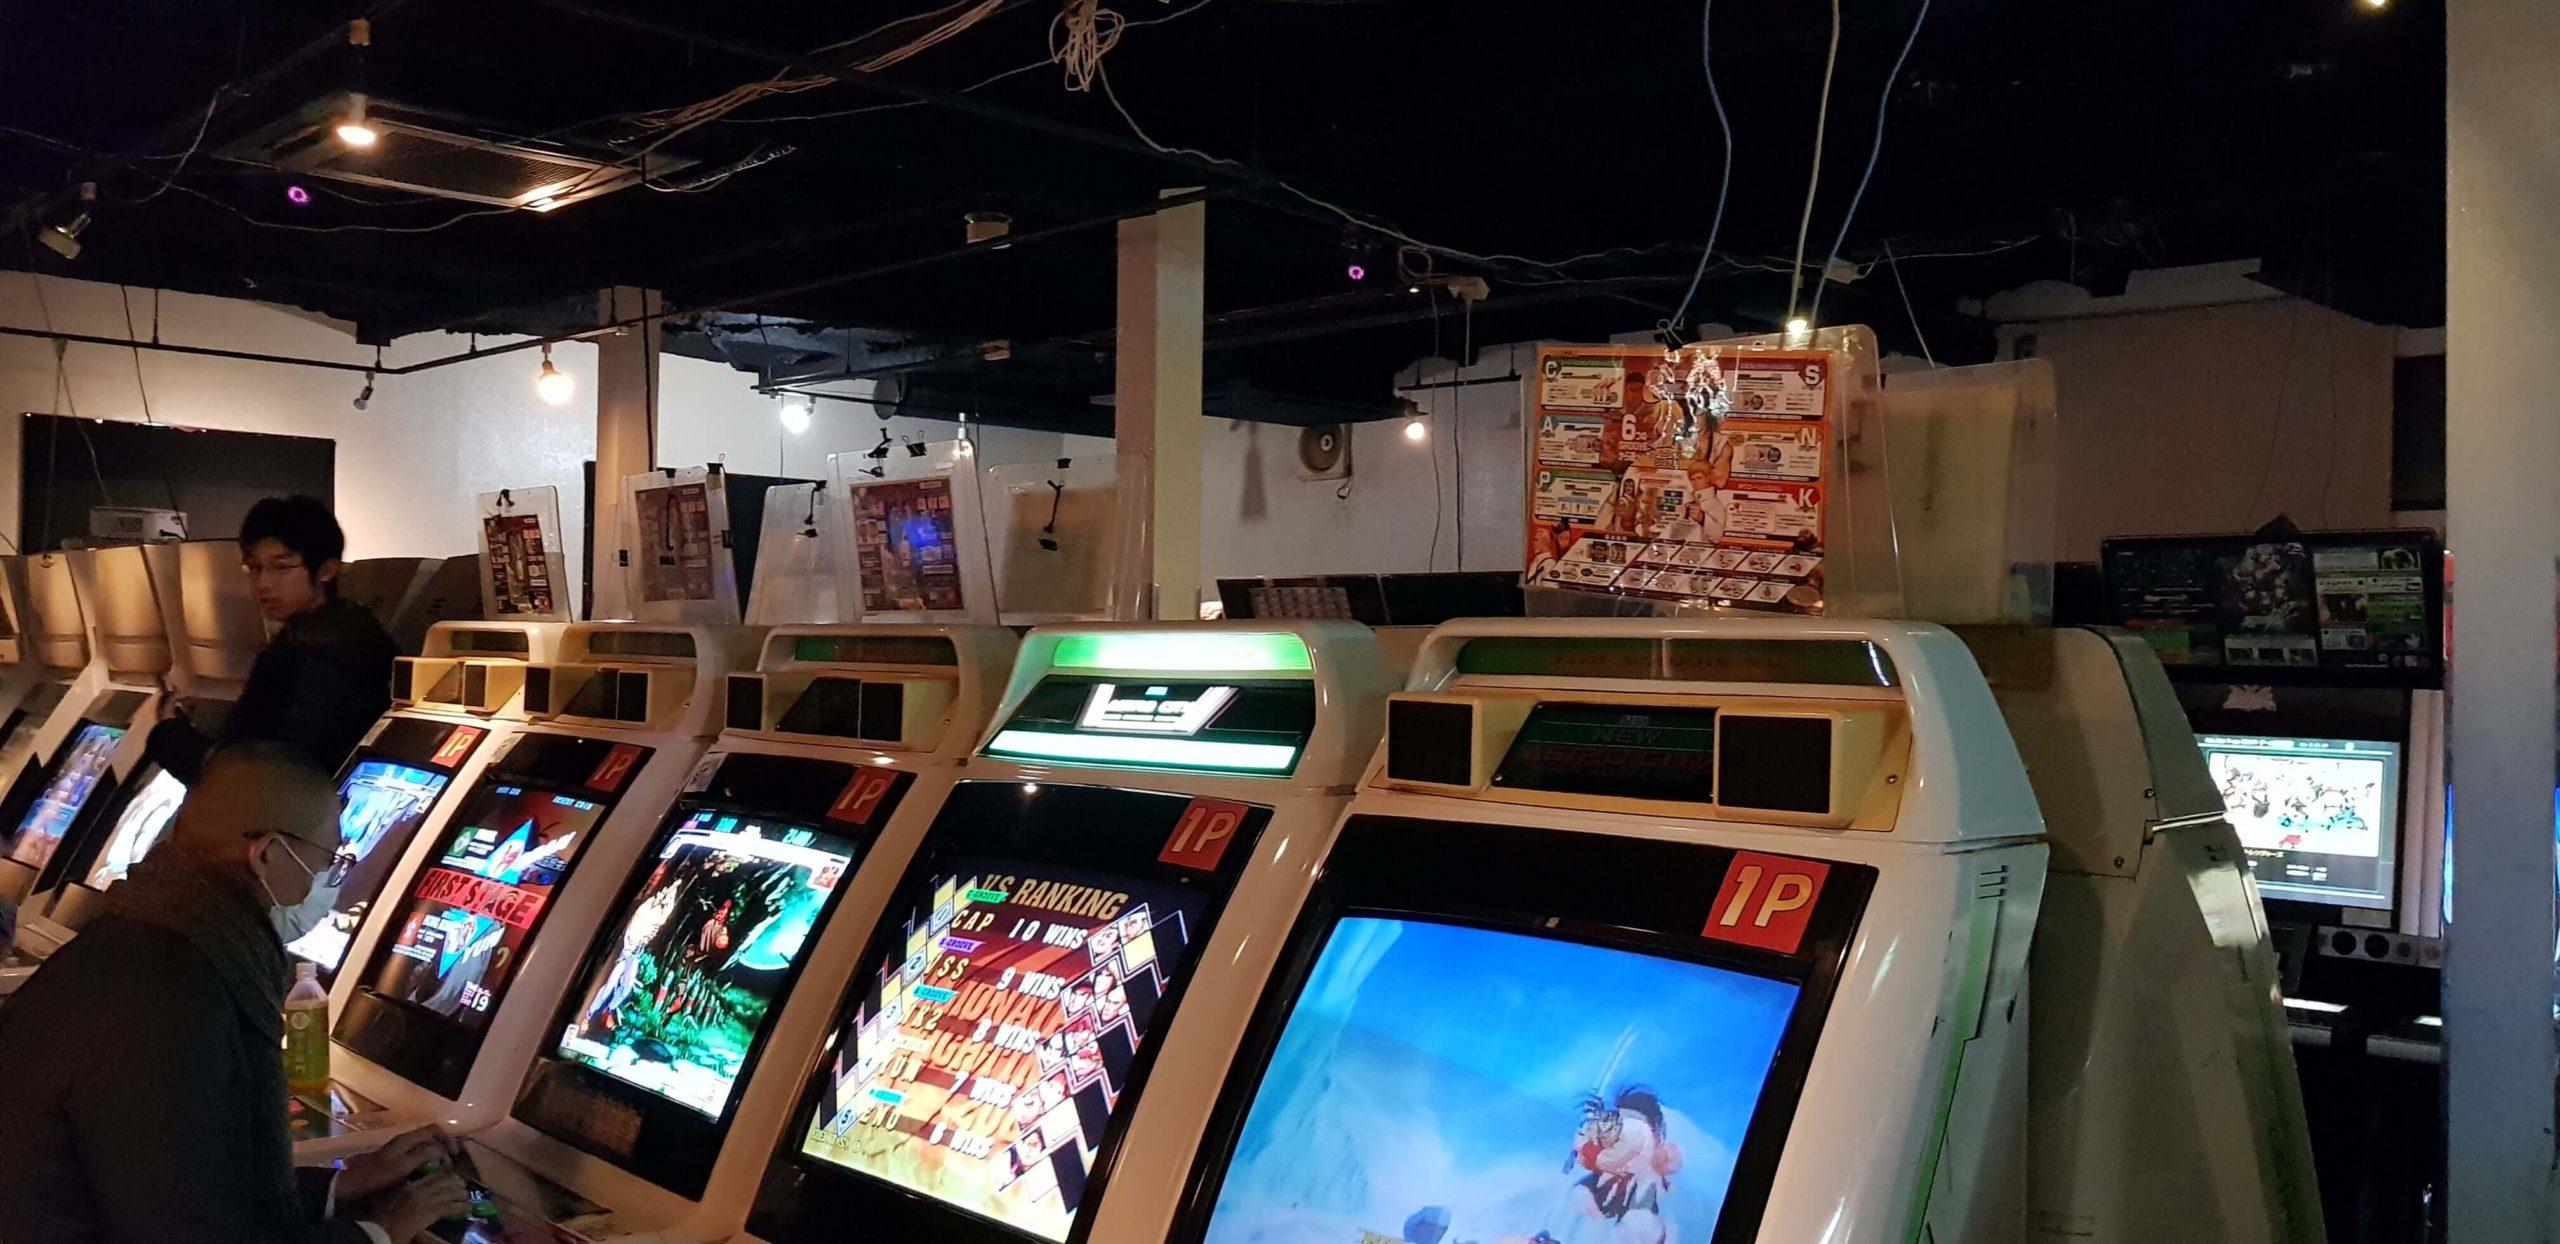 jeux vidéo au japon